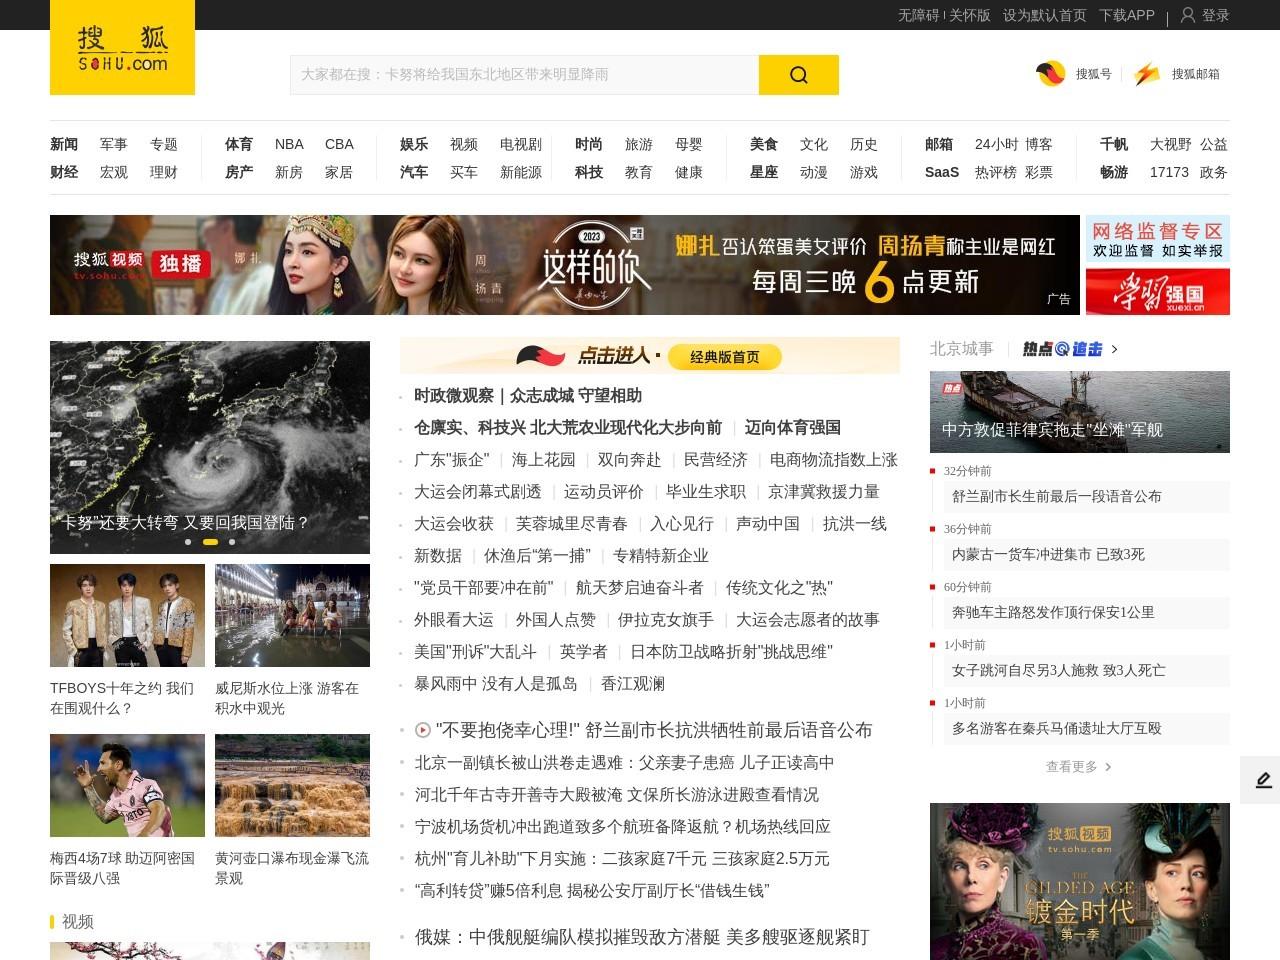 """独家视频丨习近平""""下团组"""" 这些话震撼人心_全国政协"""